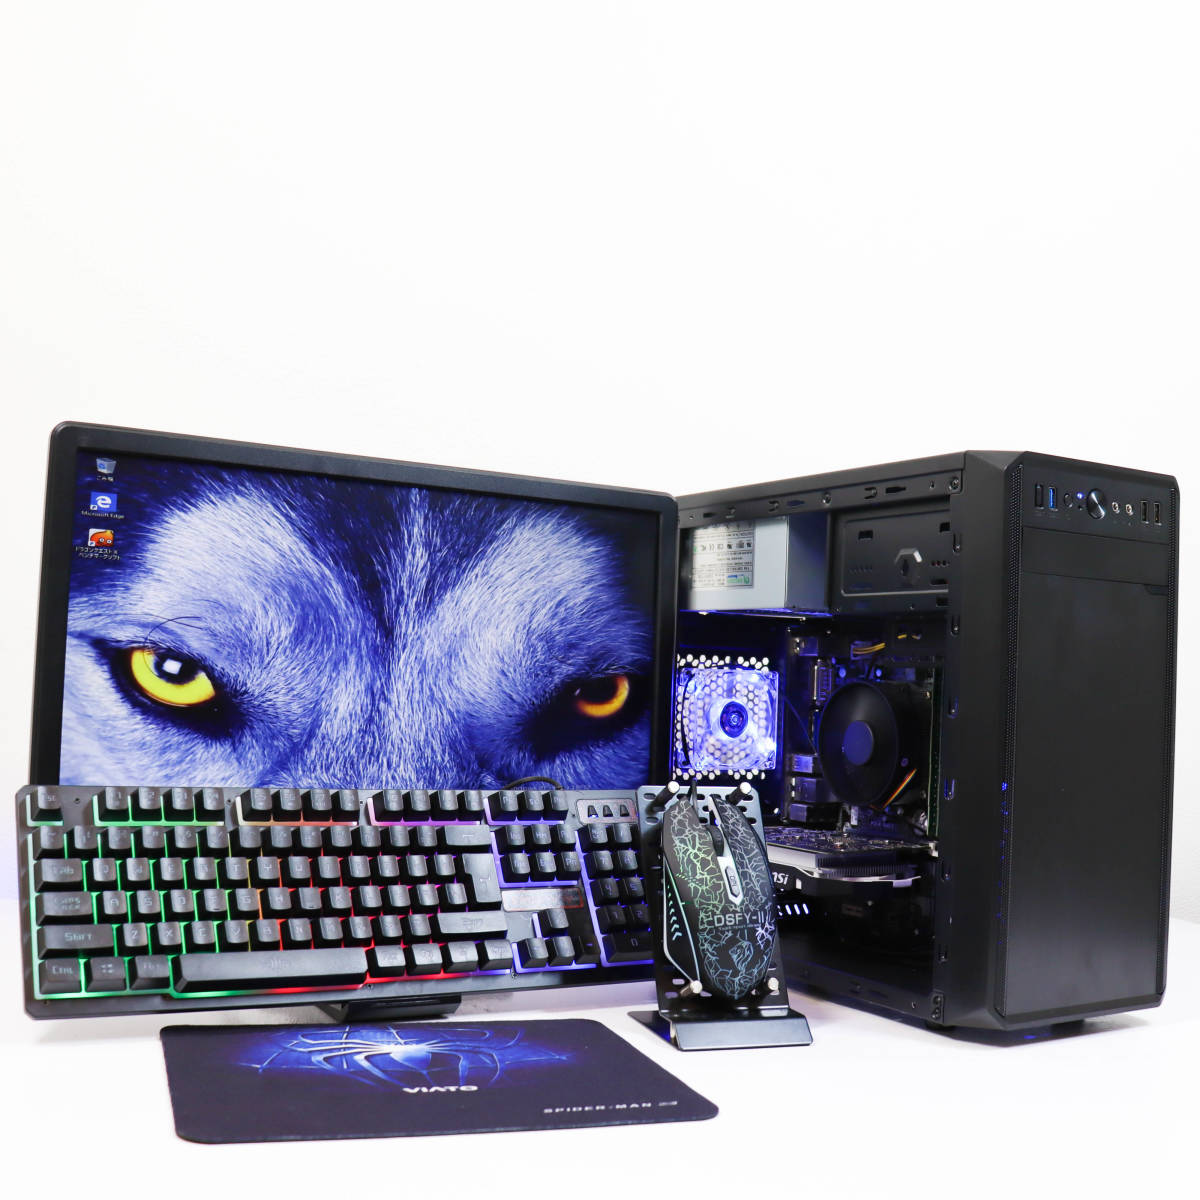 【極品ゲーミングPC一式セット】i7-2600/GTX1050/FX/株/ストレージ5700GB/office2020/マルチ画面出力/SSD240GB/Wifi接続/USB3.0/領収書可